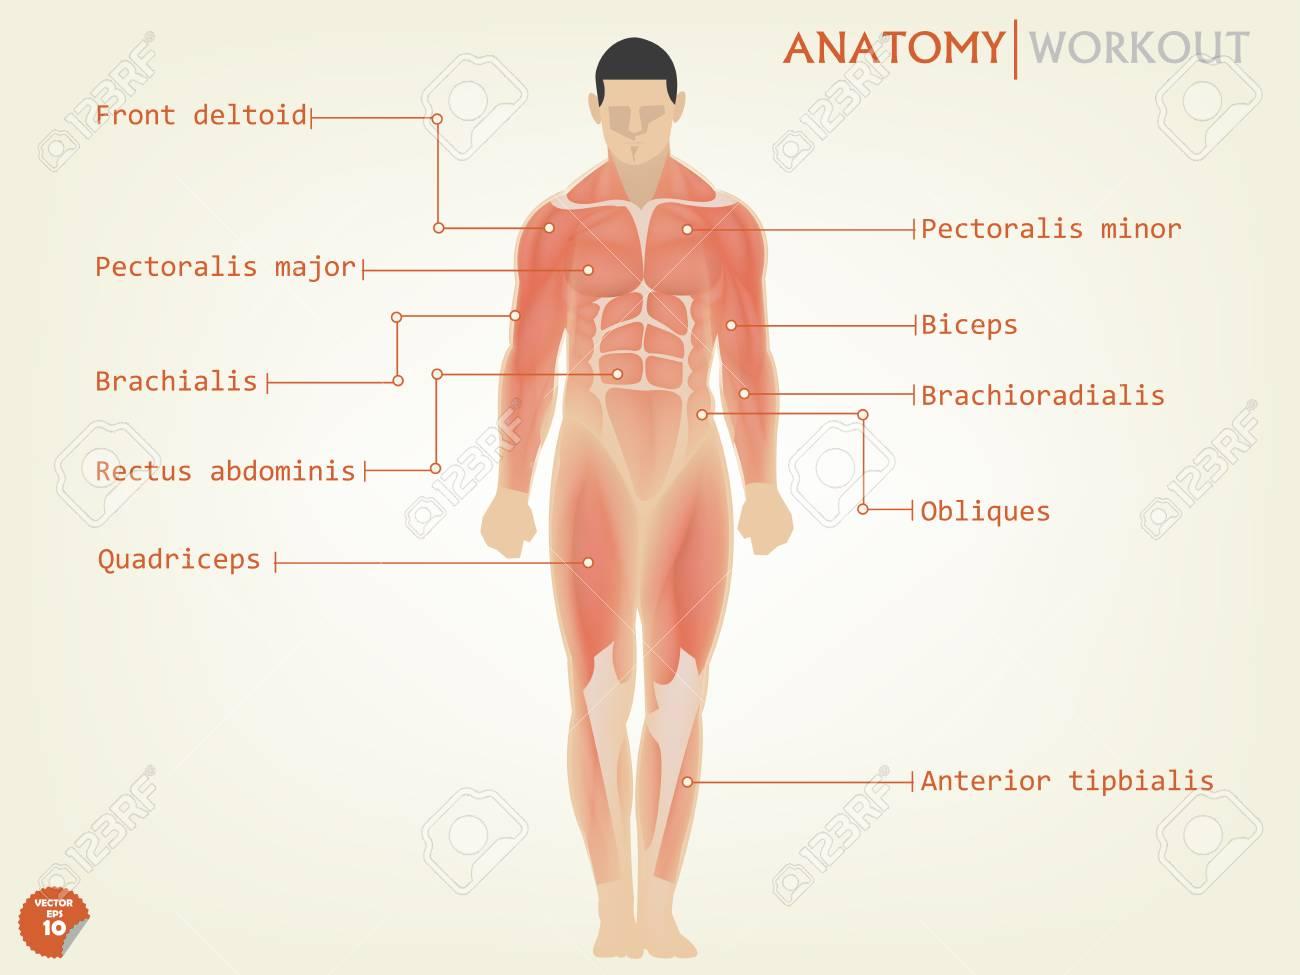 Ausgezeichnet Menschliche Anatomie Druckpunkte Galerie - Anatomie ...